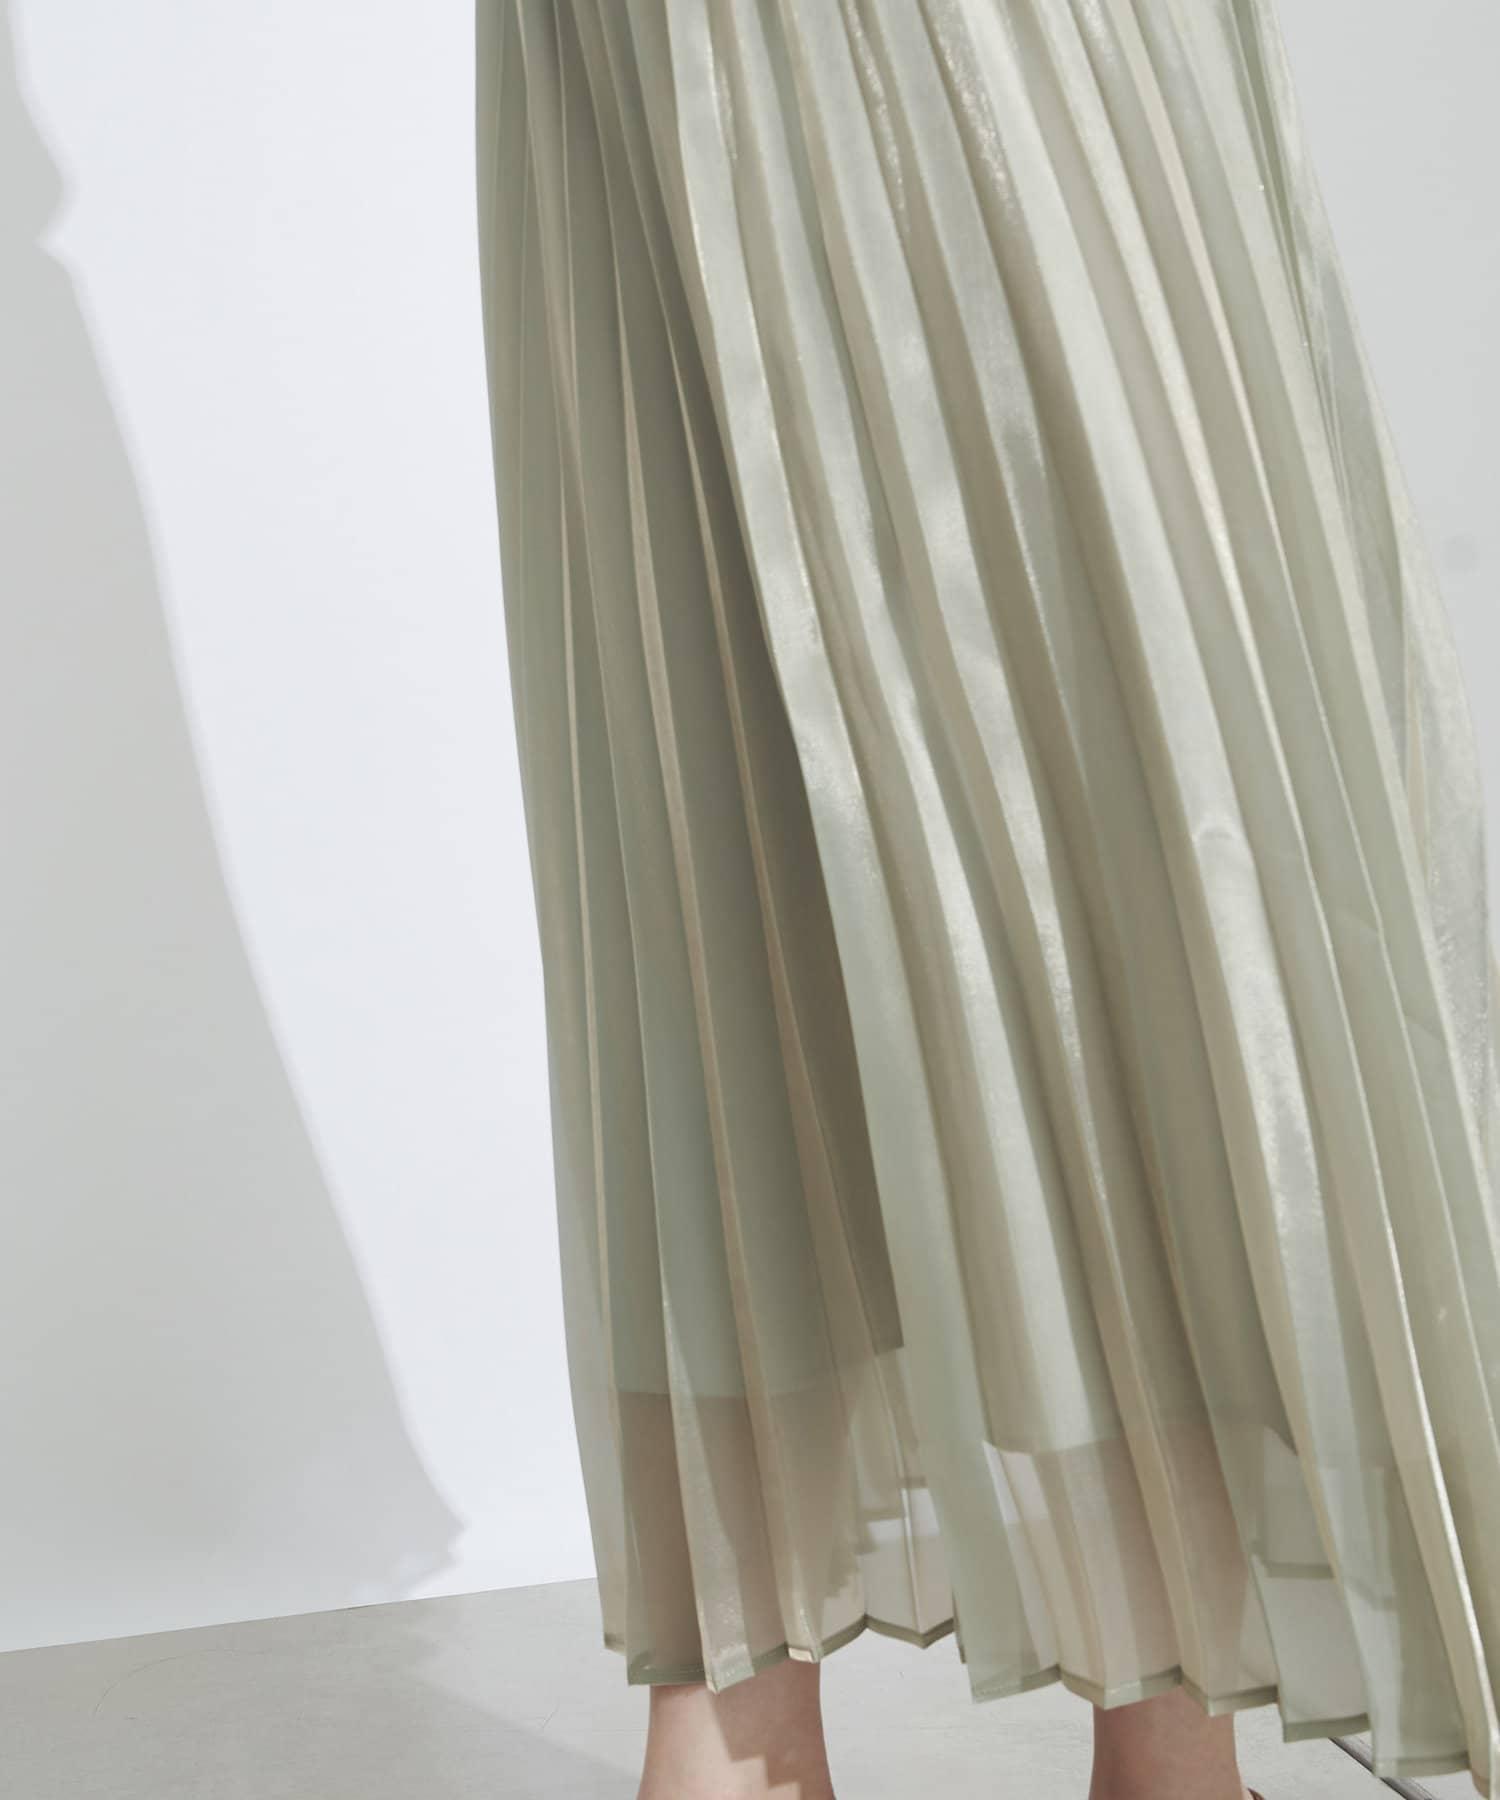 prose verse(プロズヴェール) レディース 【ウエストゴム仕様】オーロラシアープリーツスカート ミント